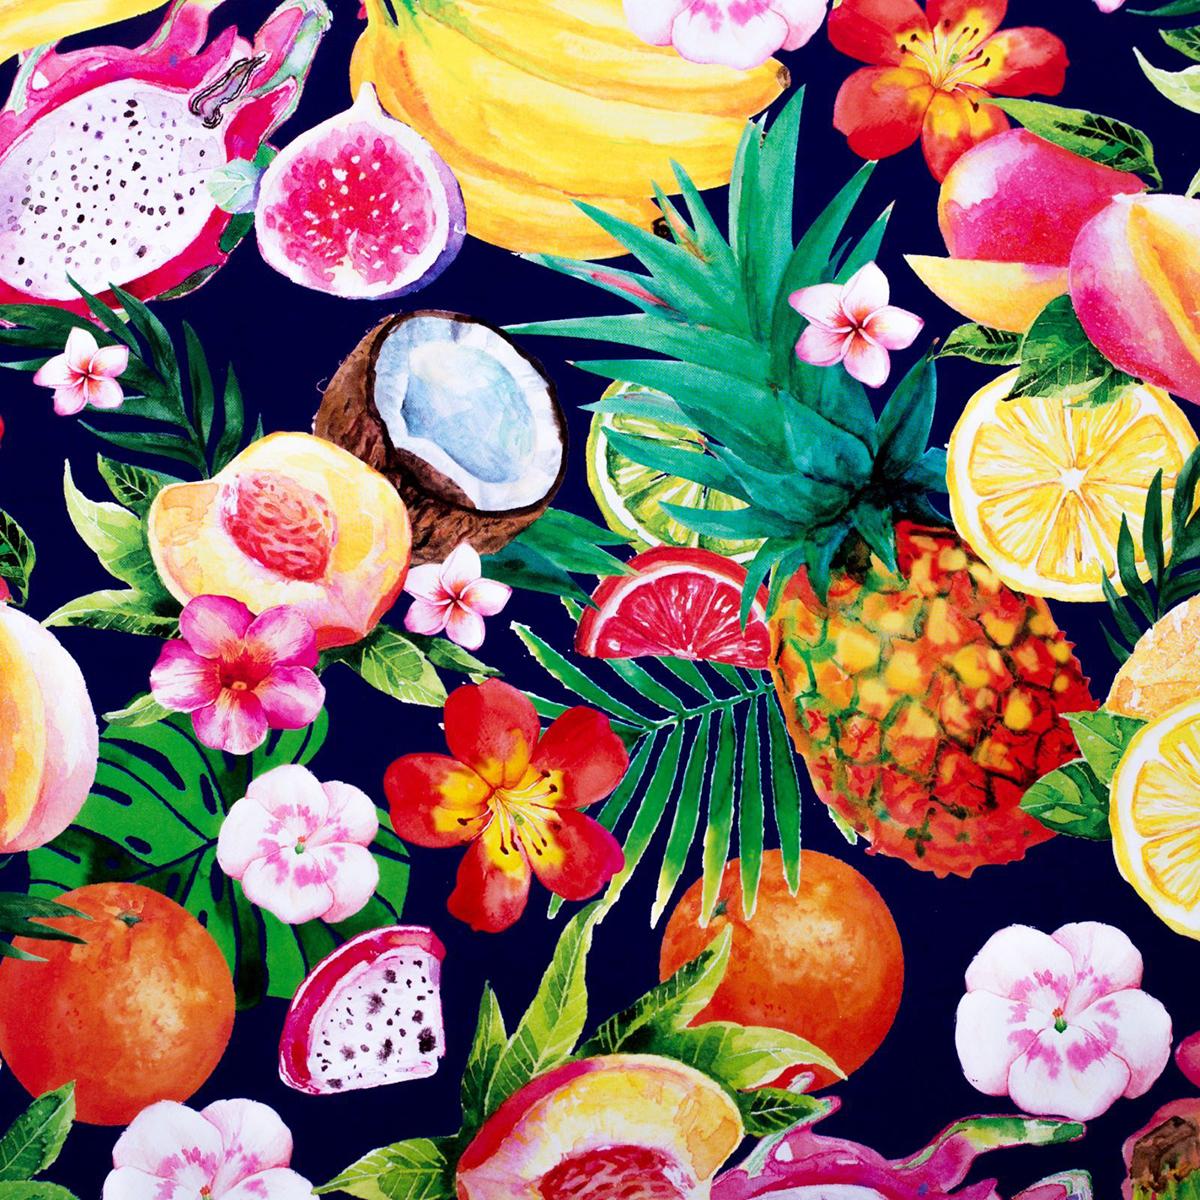 Бумага упаковочная Дарите счастье Сочные фрукты, глянцевая, 70 х 100 см. 2498460 зайцева а как упаковать подарок красиво и оригинально